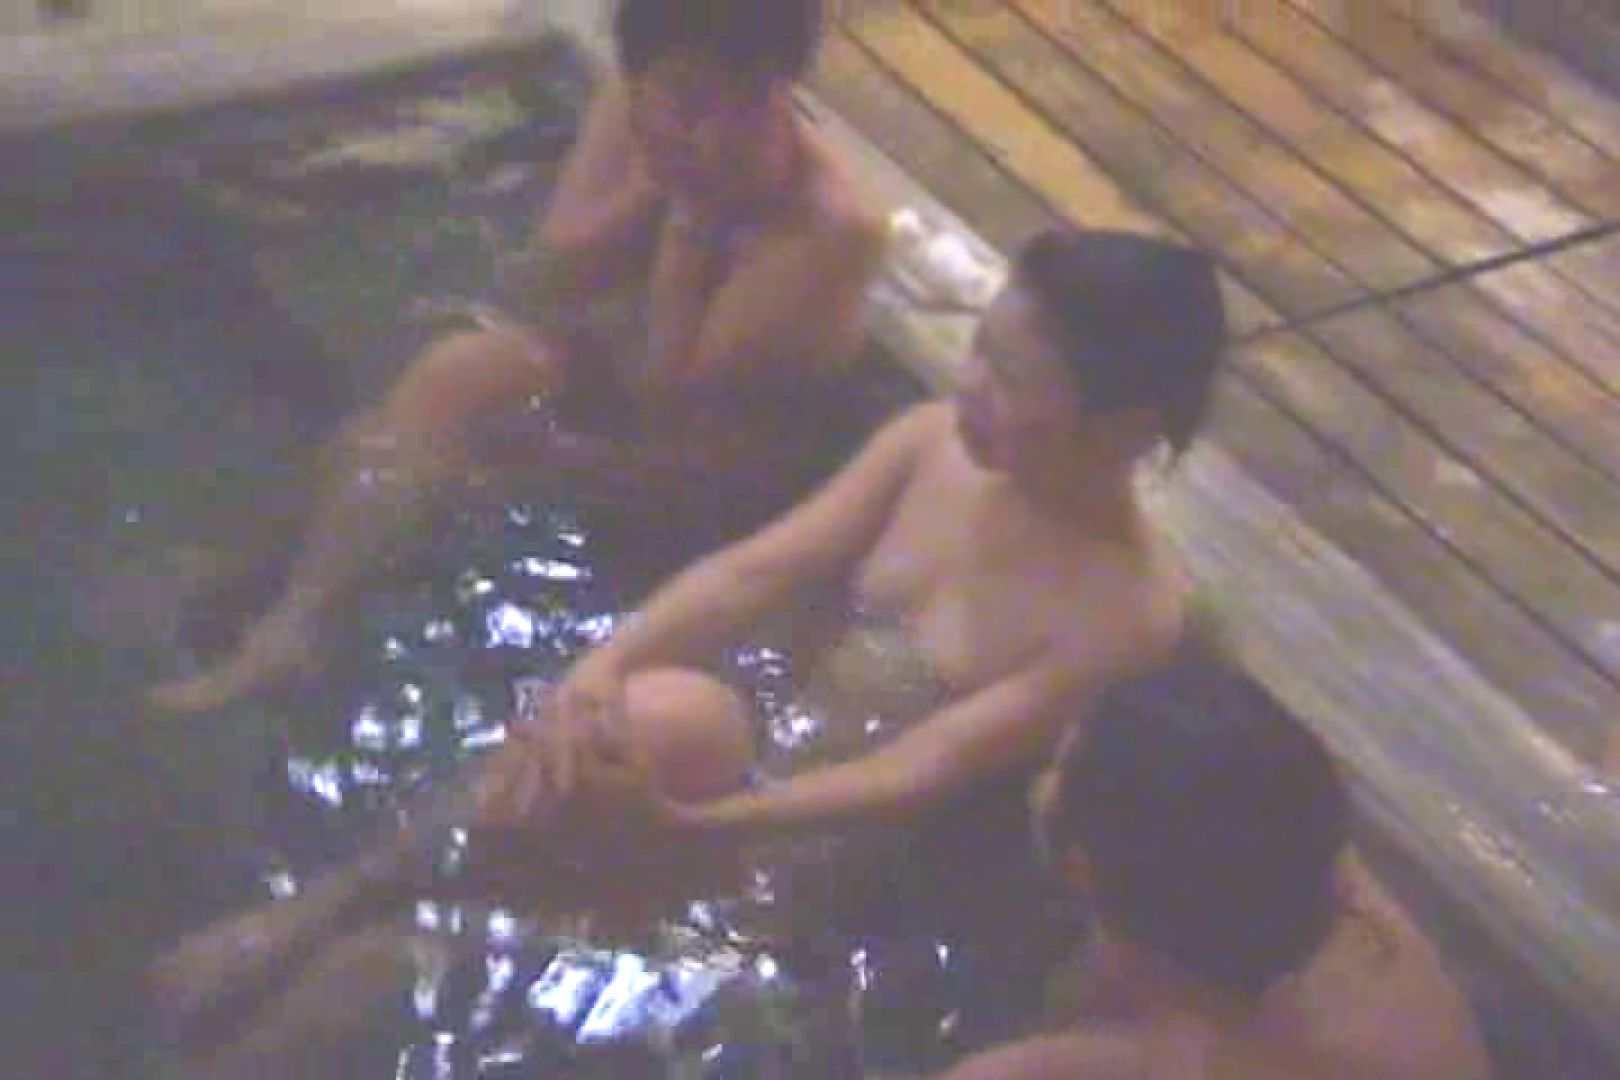 素人投稿シリーズ 盗撮 覗きの穴場 大浴場編 Vol.5 すけべなOL  103画像 30